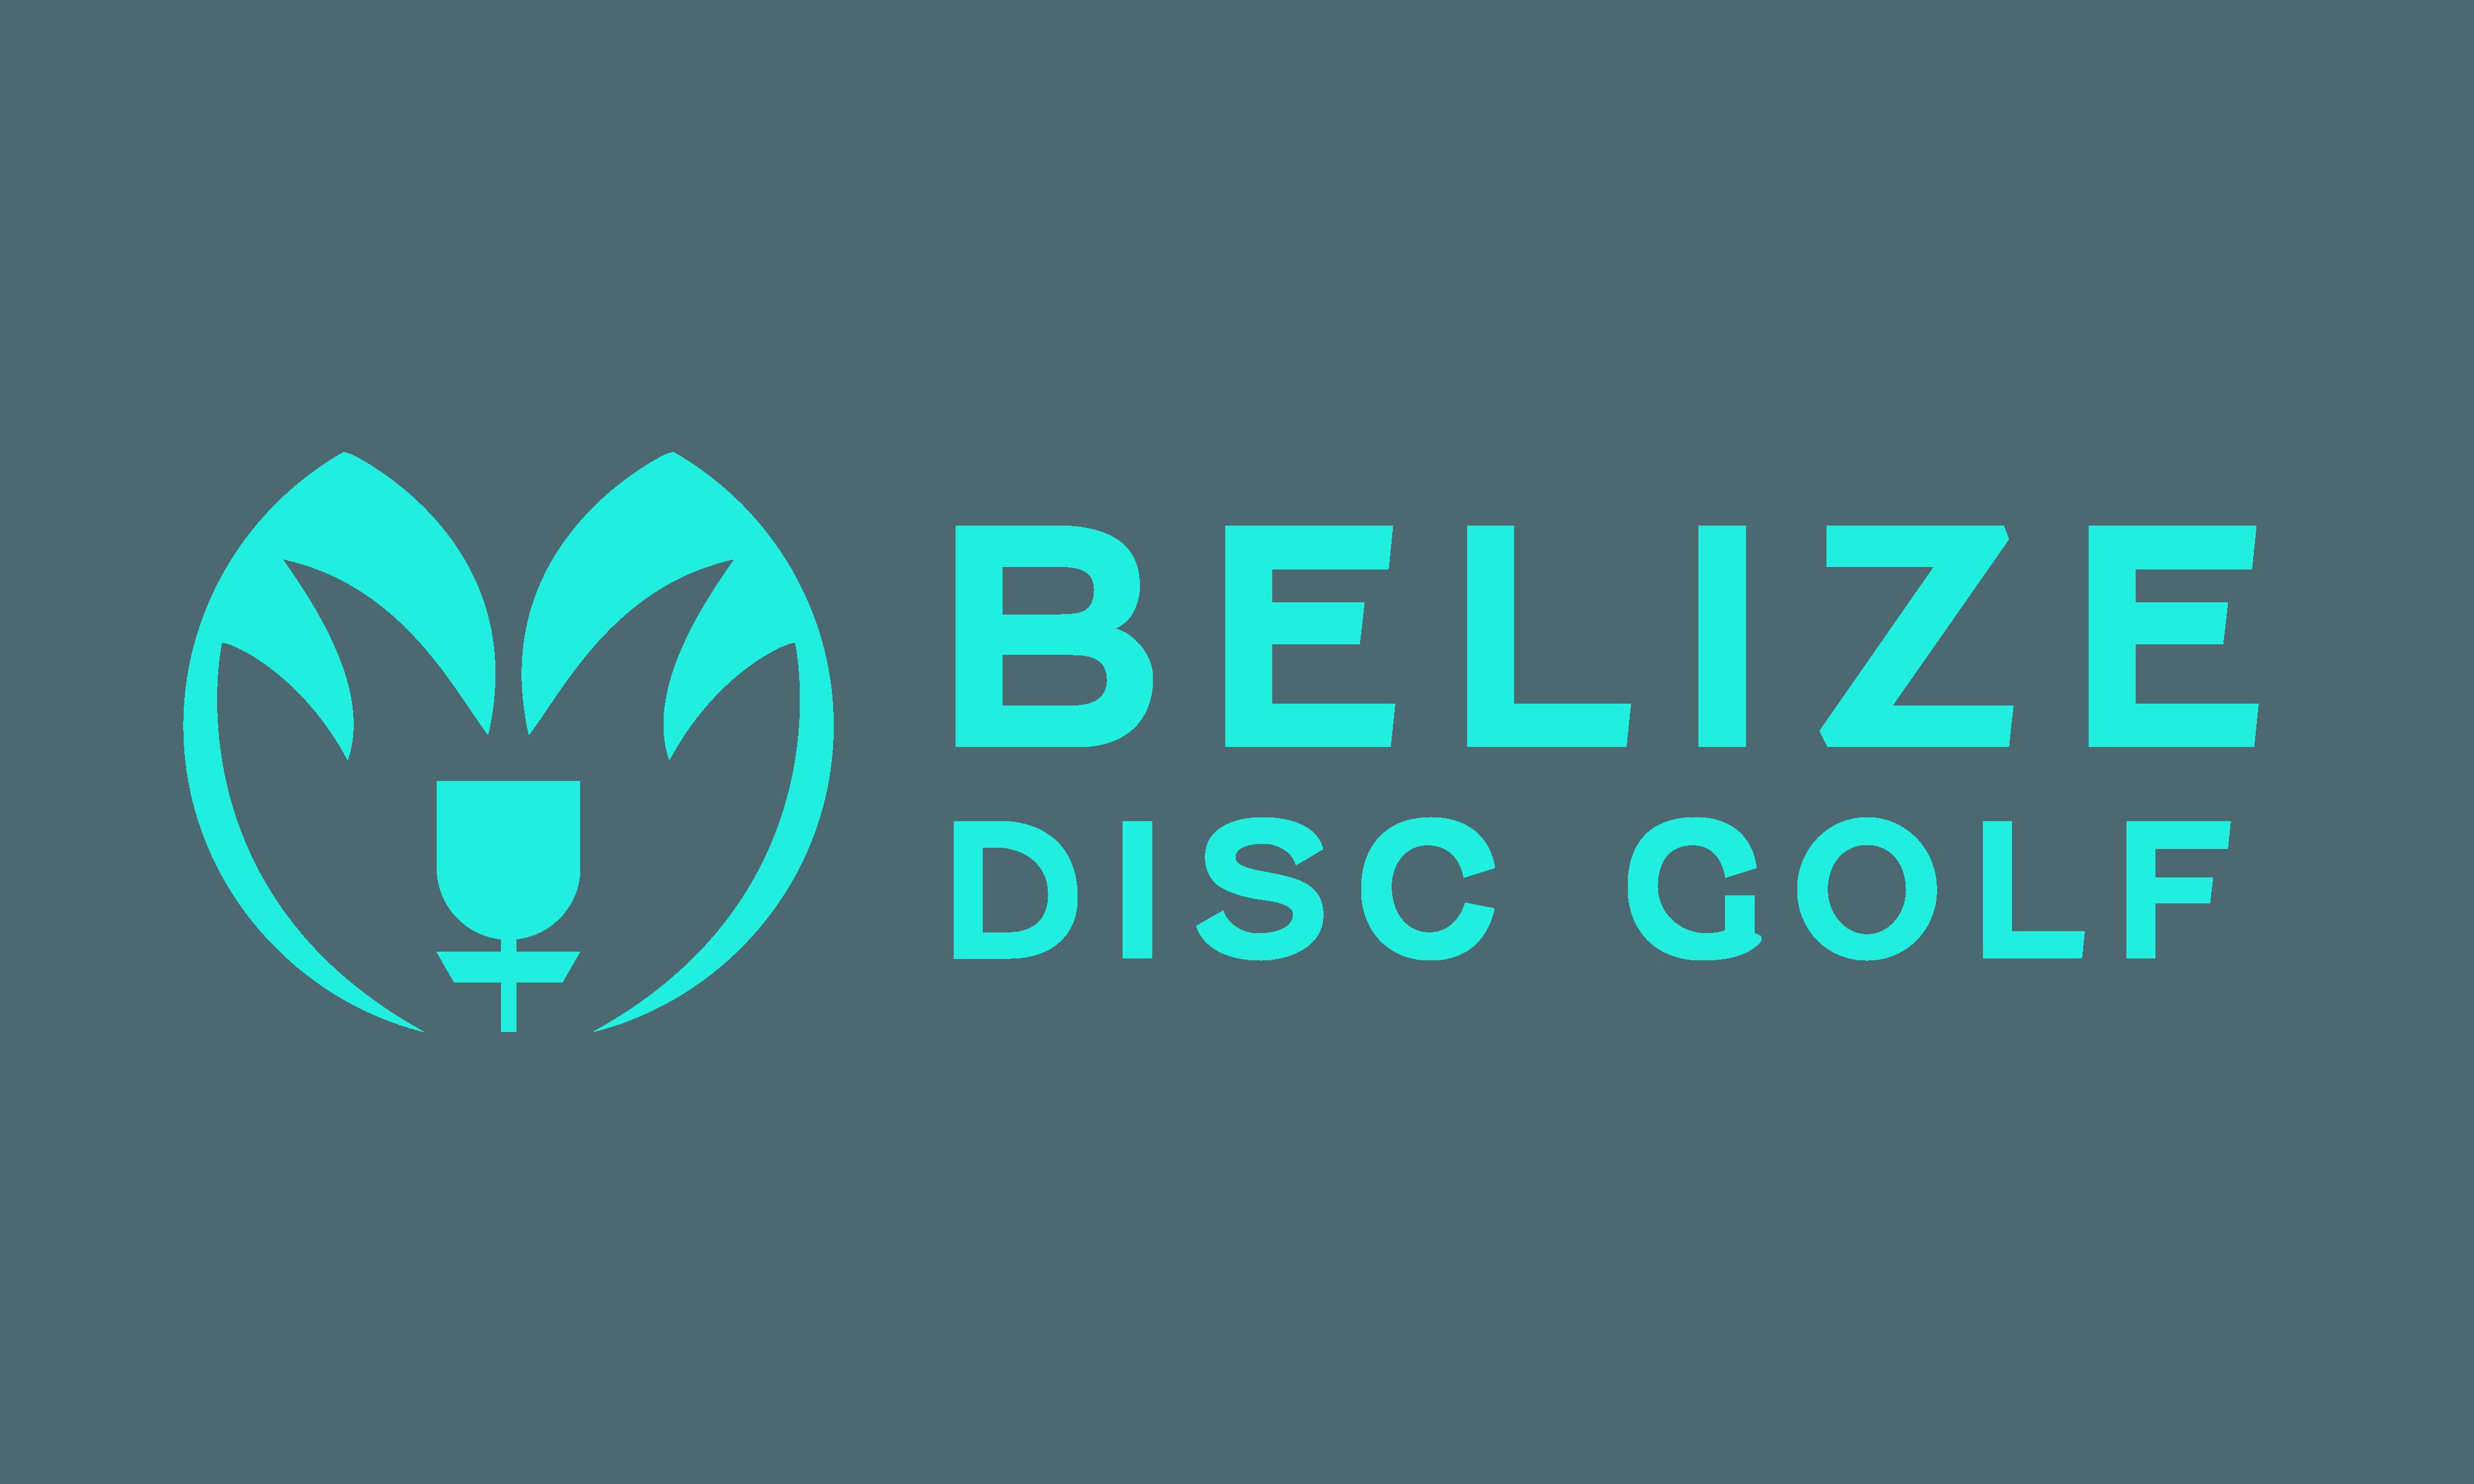 Belize Disc Golf